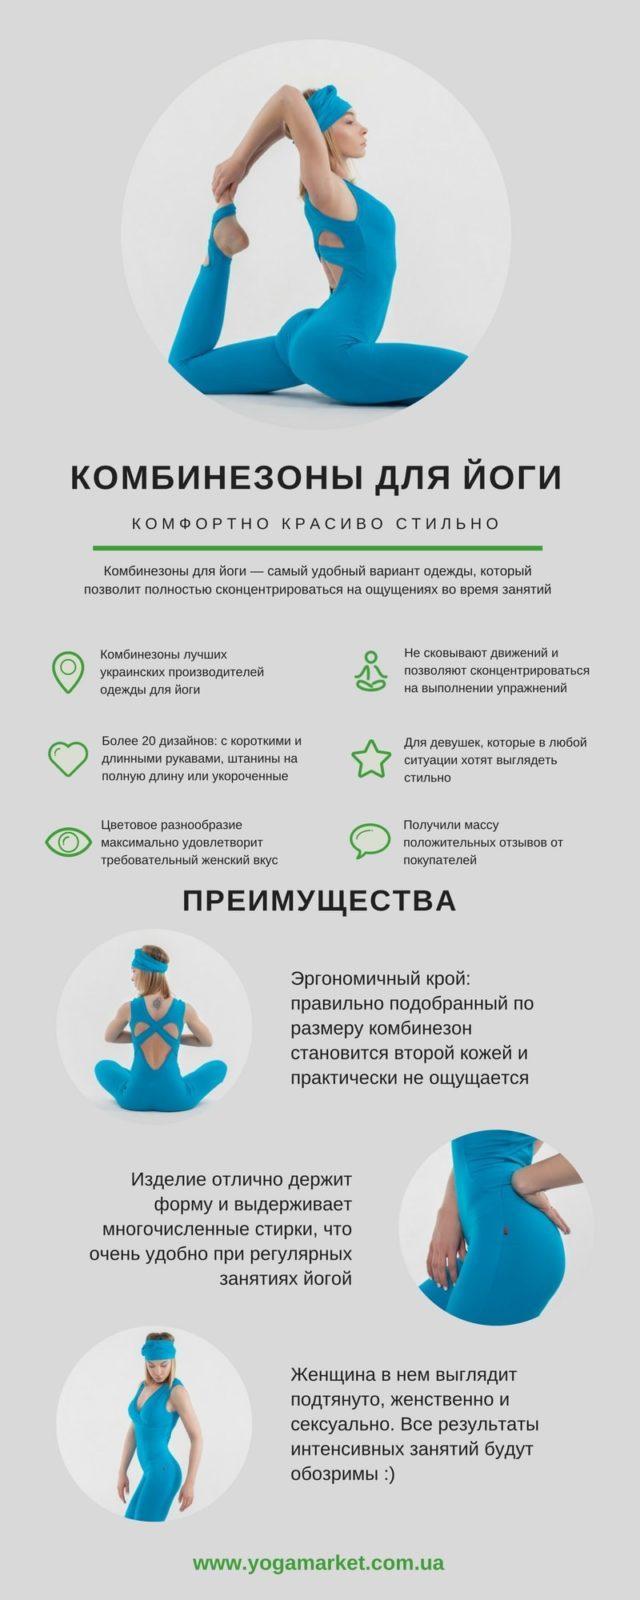 Комбинезоны для йоги - инфографика